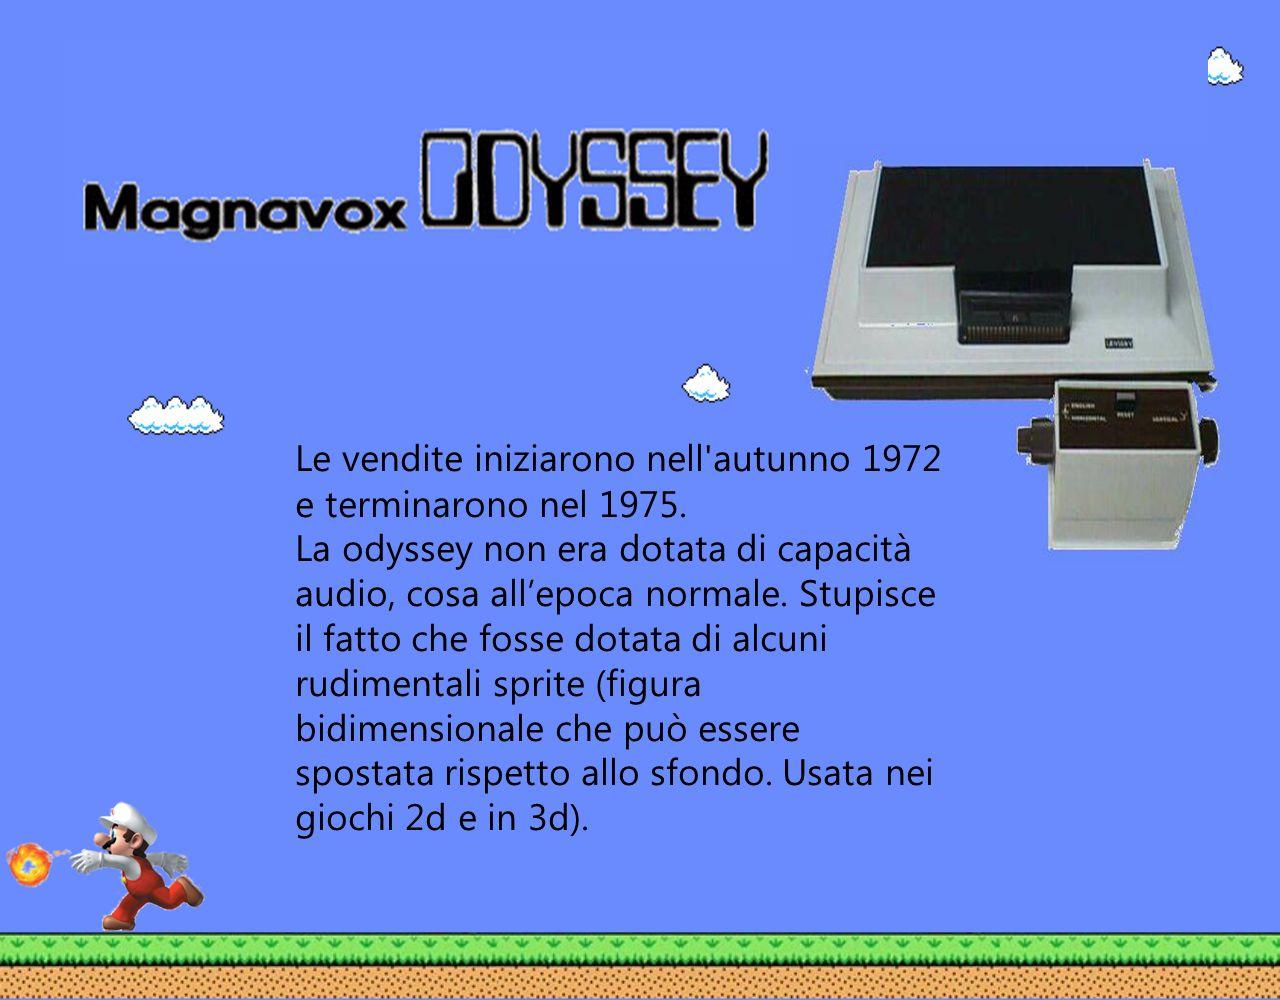 Le vendite iniziarono nell'autunno 1972 e terminarono nel 1975. La odyssey non era dotata di capacità audio, cosa allepoca normale. Stupisce il fatto